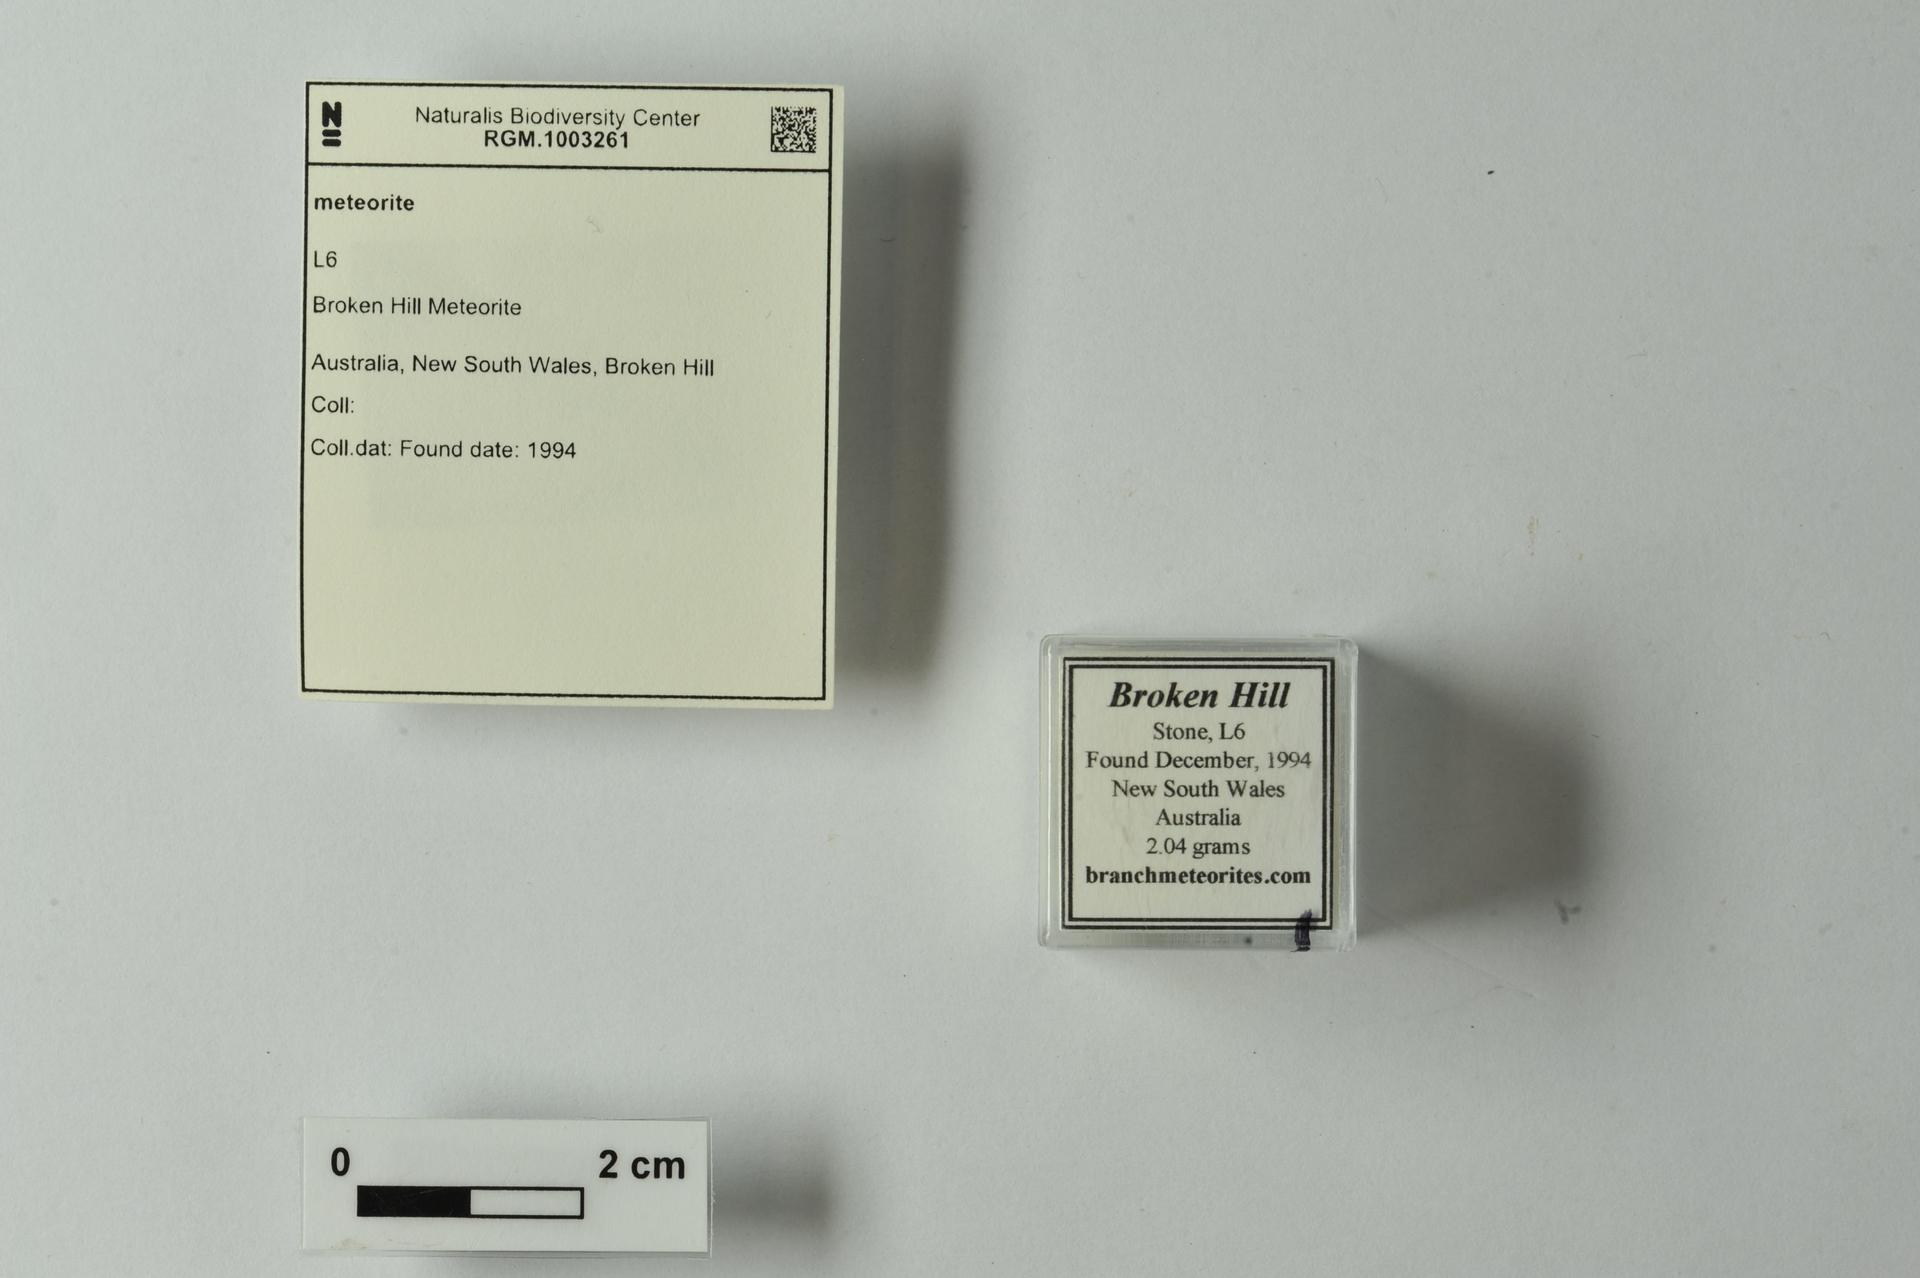 RGM.1003261   L6